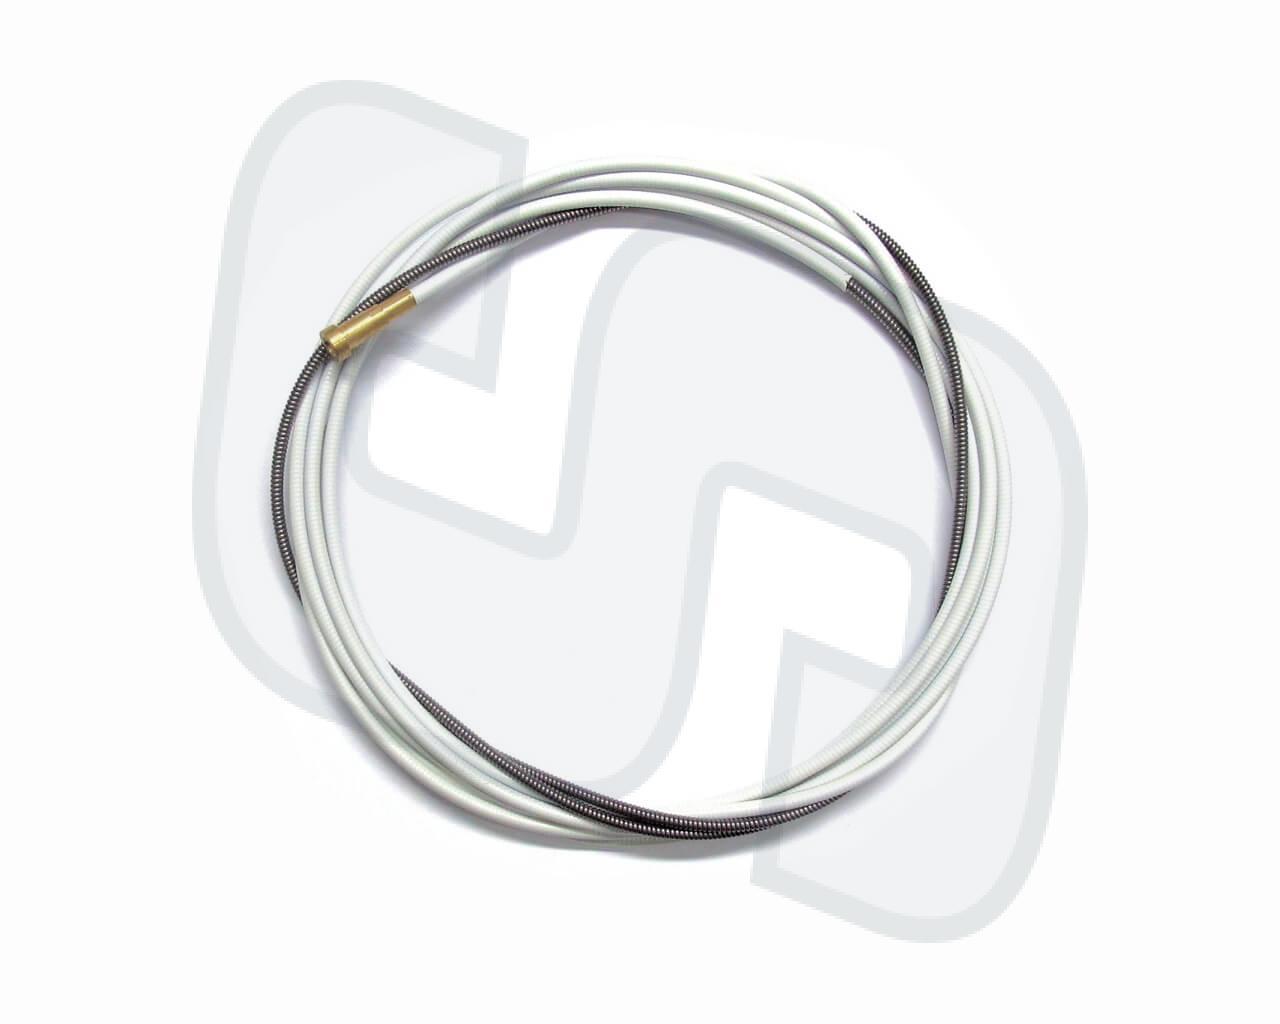 Drahtführungsspirale 1.3x3.8mm weiß 3m. Für 0.6-0.9mm